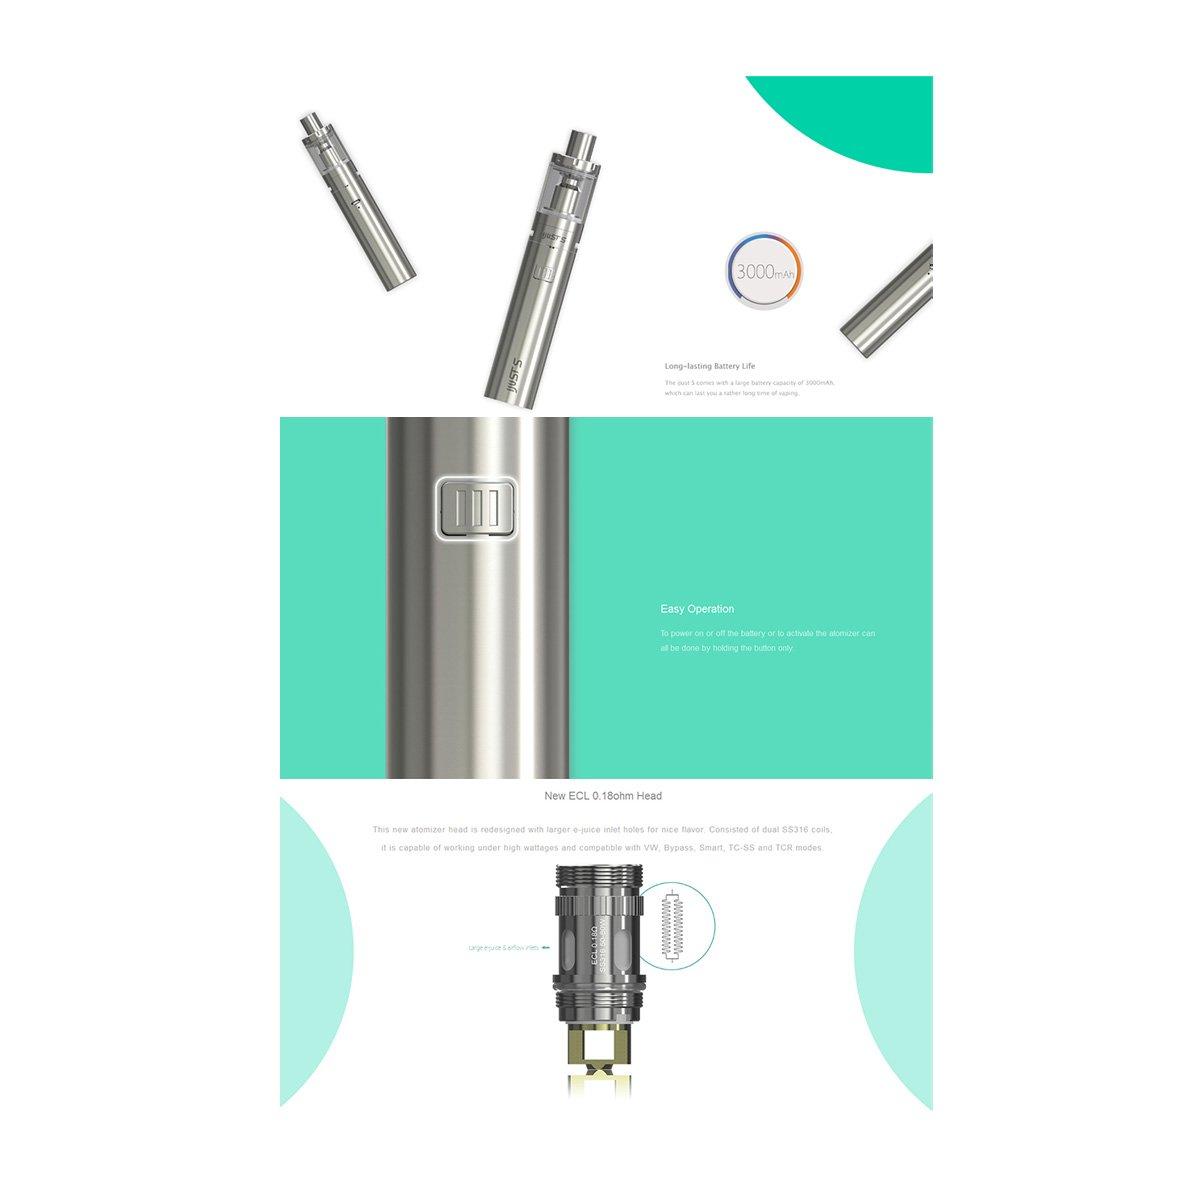 Eleaf iJust-S Kit Features